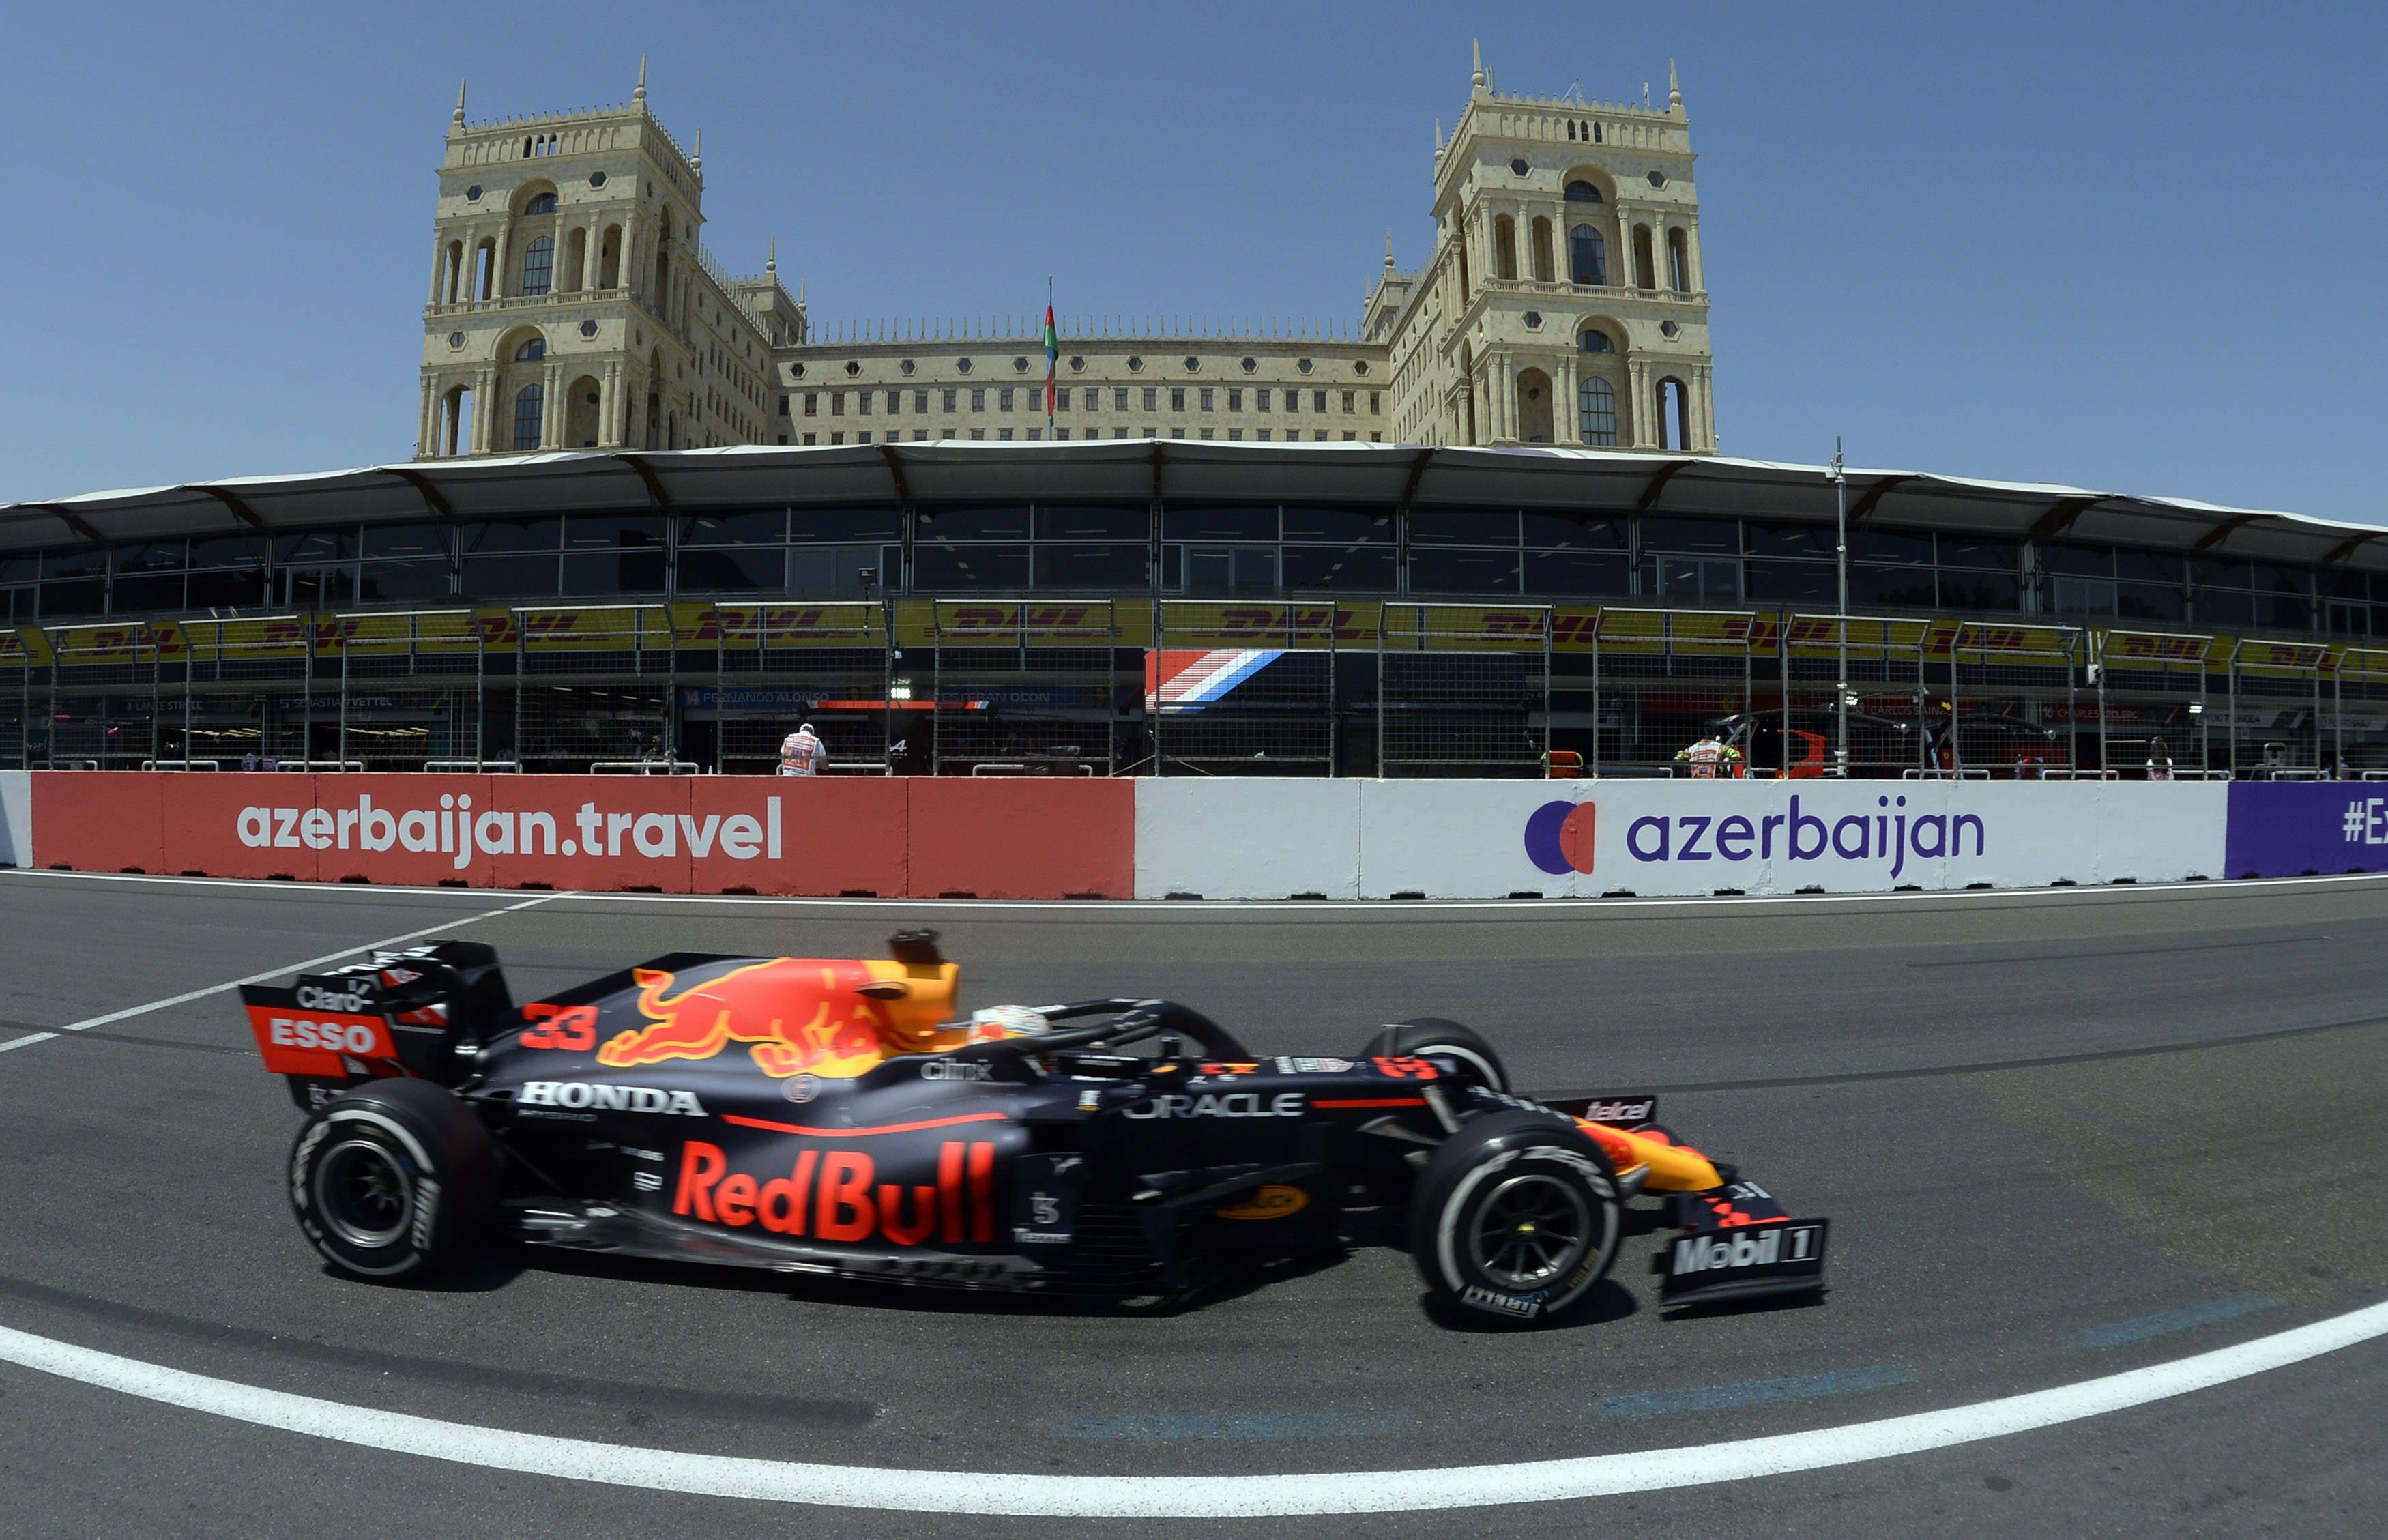 维斯塔潘自称F1最优秀车手,自信有能力超越汉密尔顿